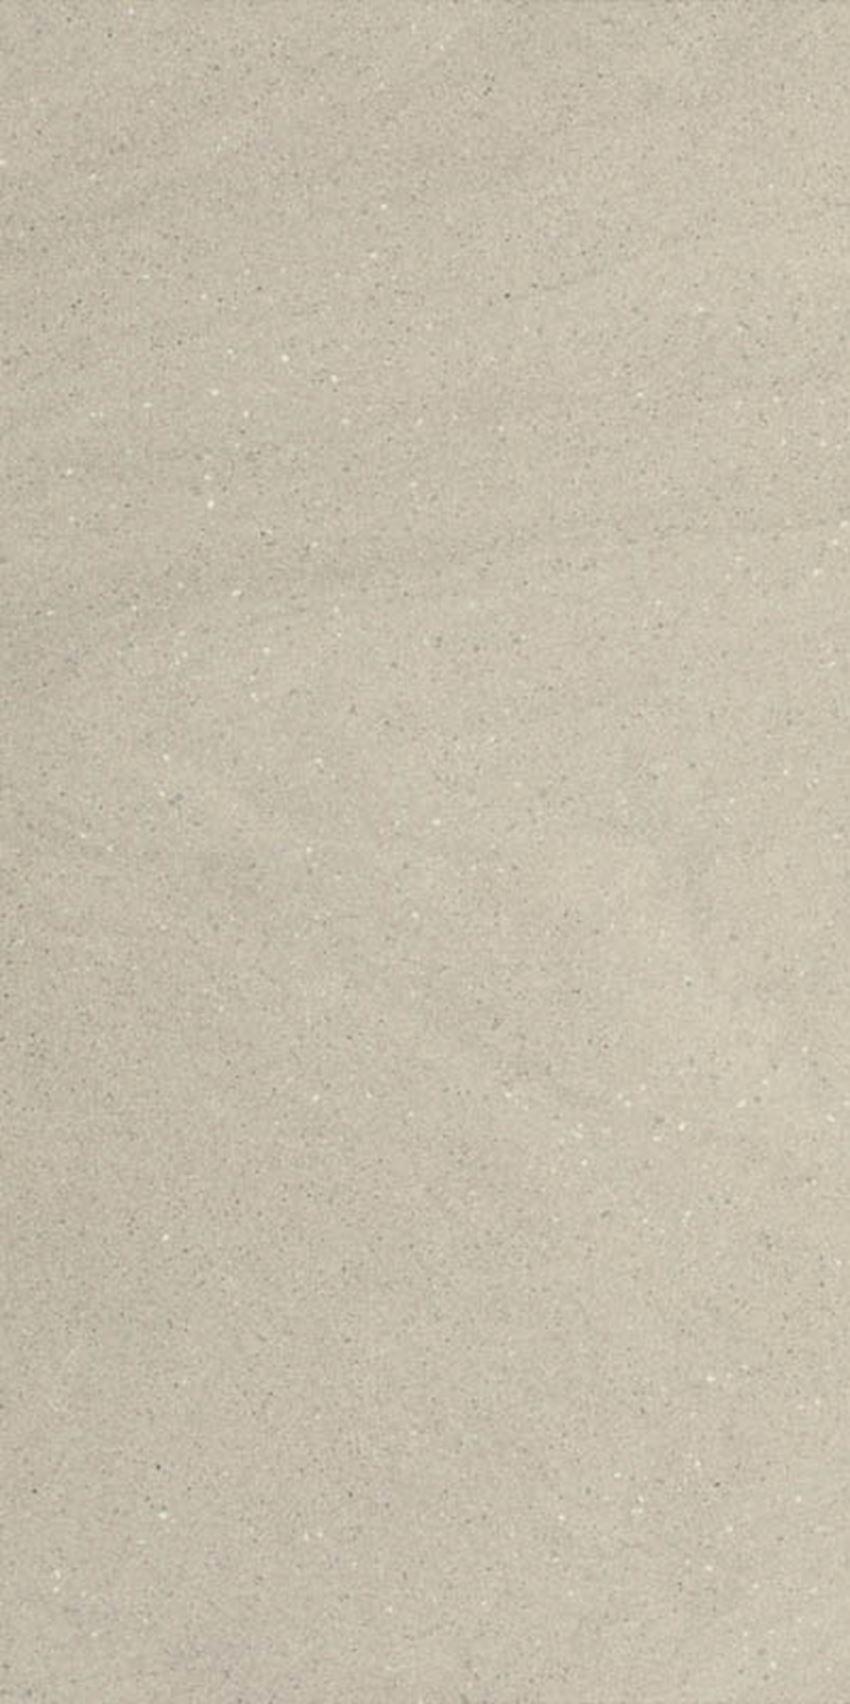 Płytka ścienno-podłogowa 29,8x59,8 cm Paradyż Rockstone Grys Gres Rekt. Poler